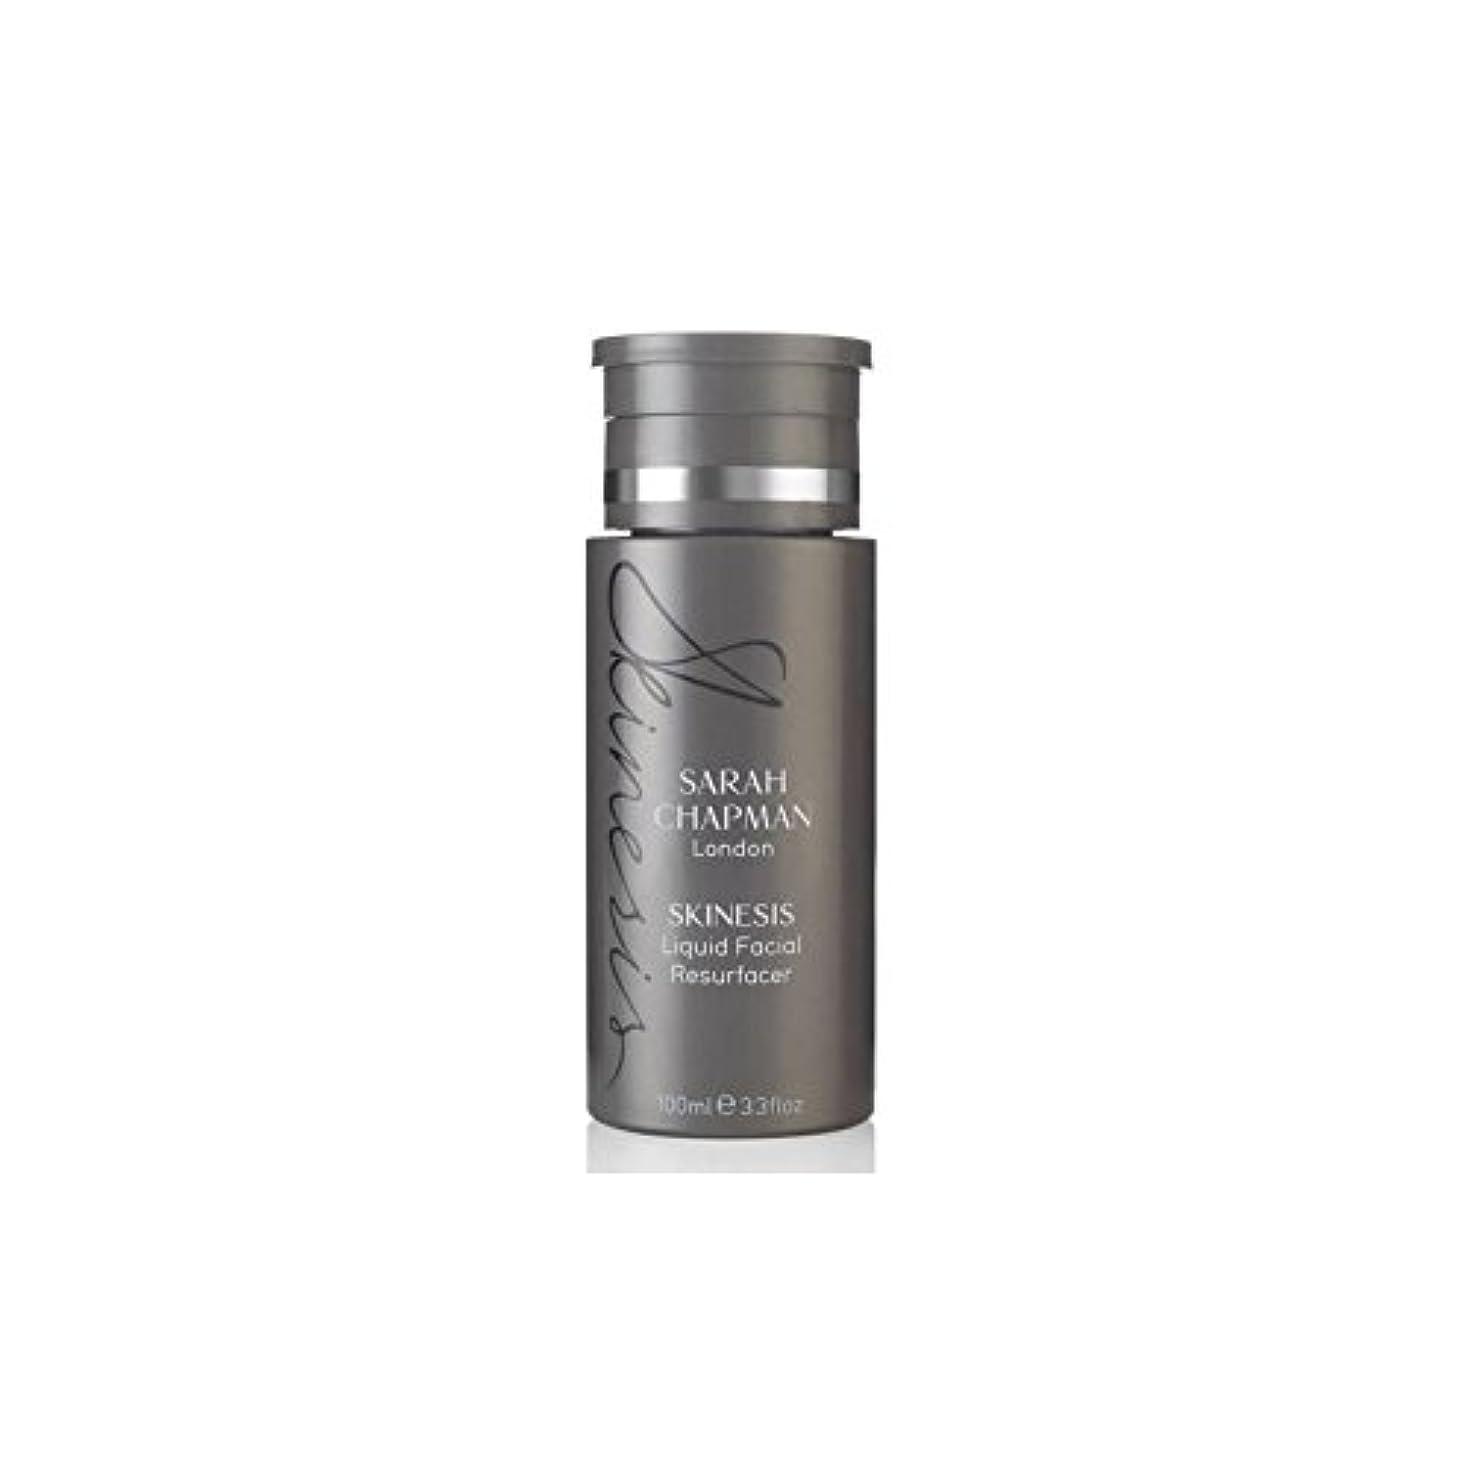 フォローベンチャーカバレッジSarah Chapman Skinesis Liquid Facial Resurfacer (100ml) (Pack of 6) - サラチャップマン液体顔(100)に x6 [並行輸入品]